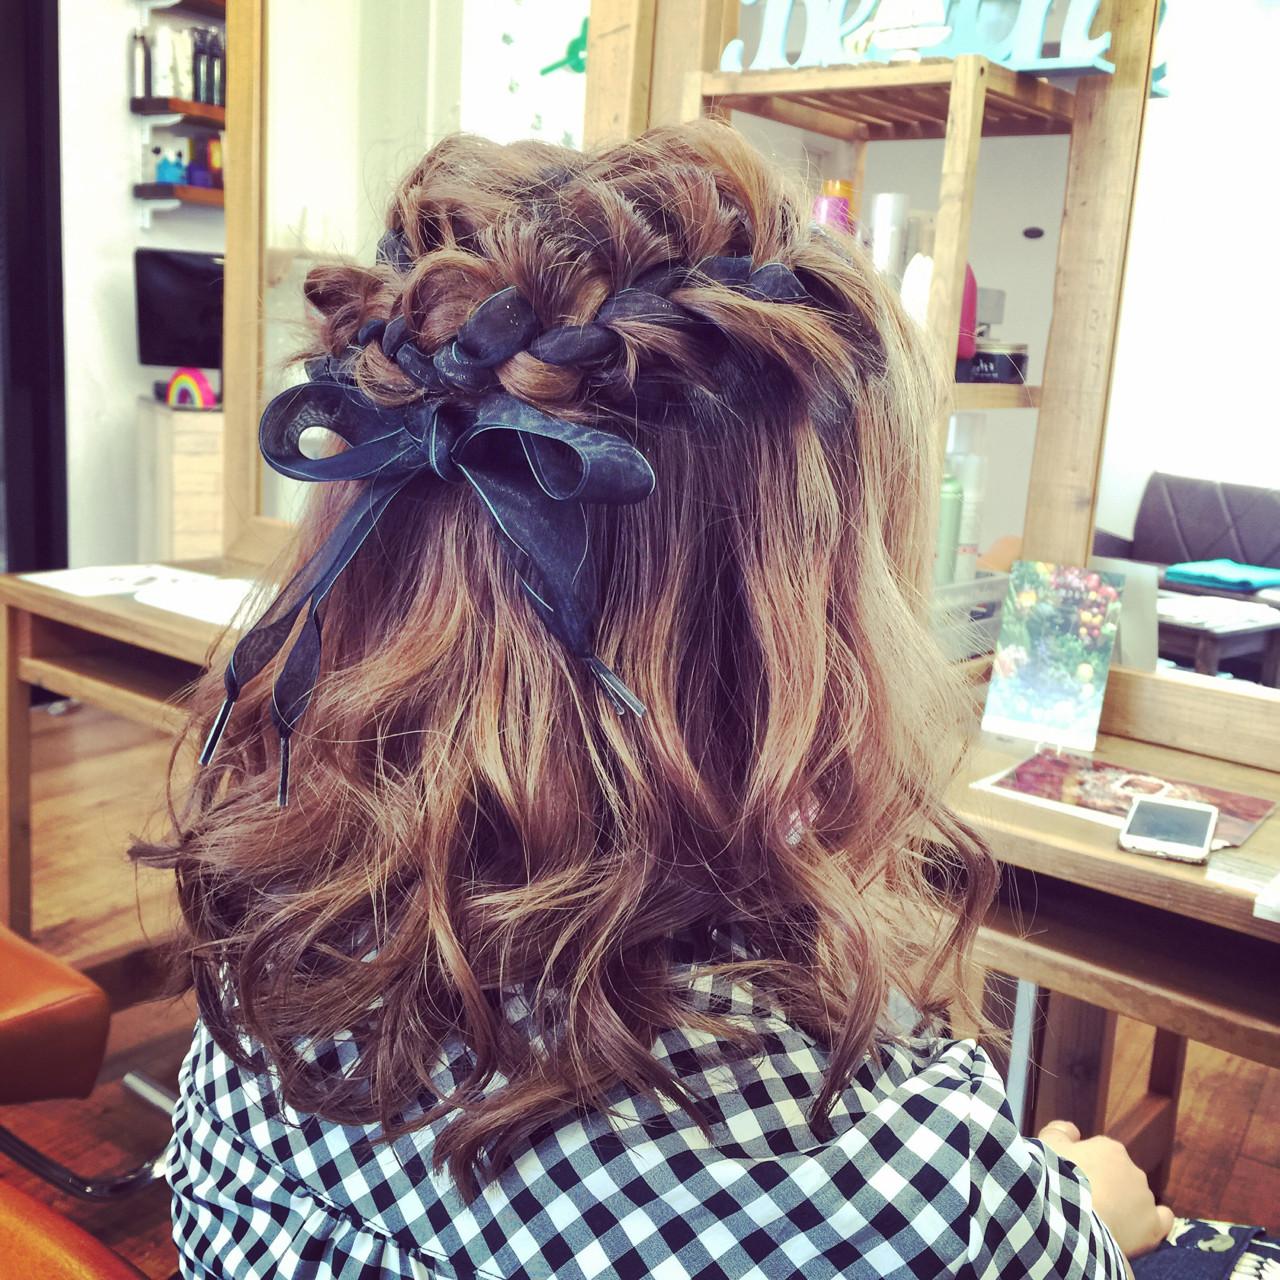 ミディアム 外国人風 編み込み ヘアアレンジ ヘアスタイルや髪型の写真・画像